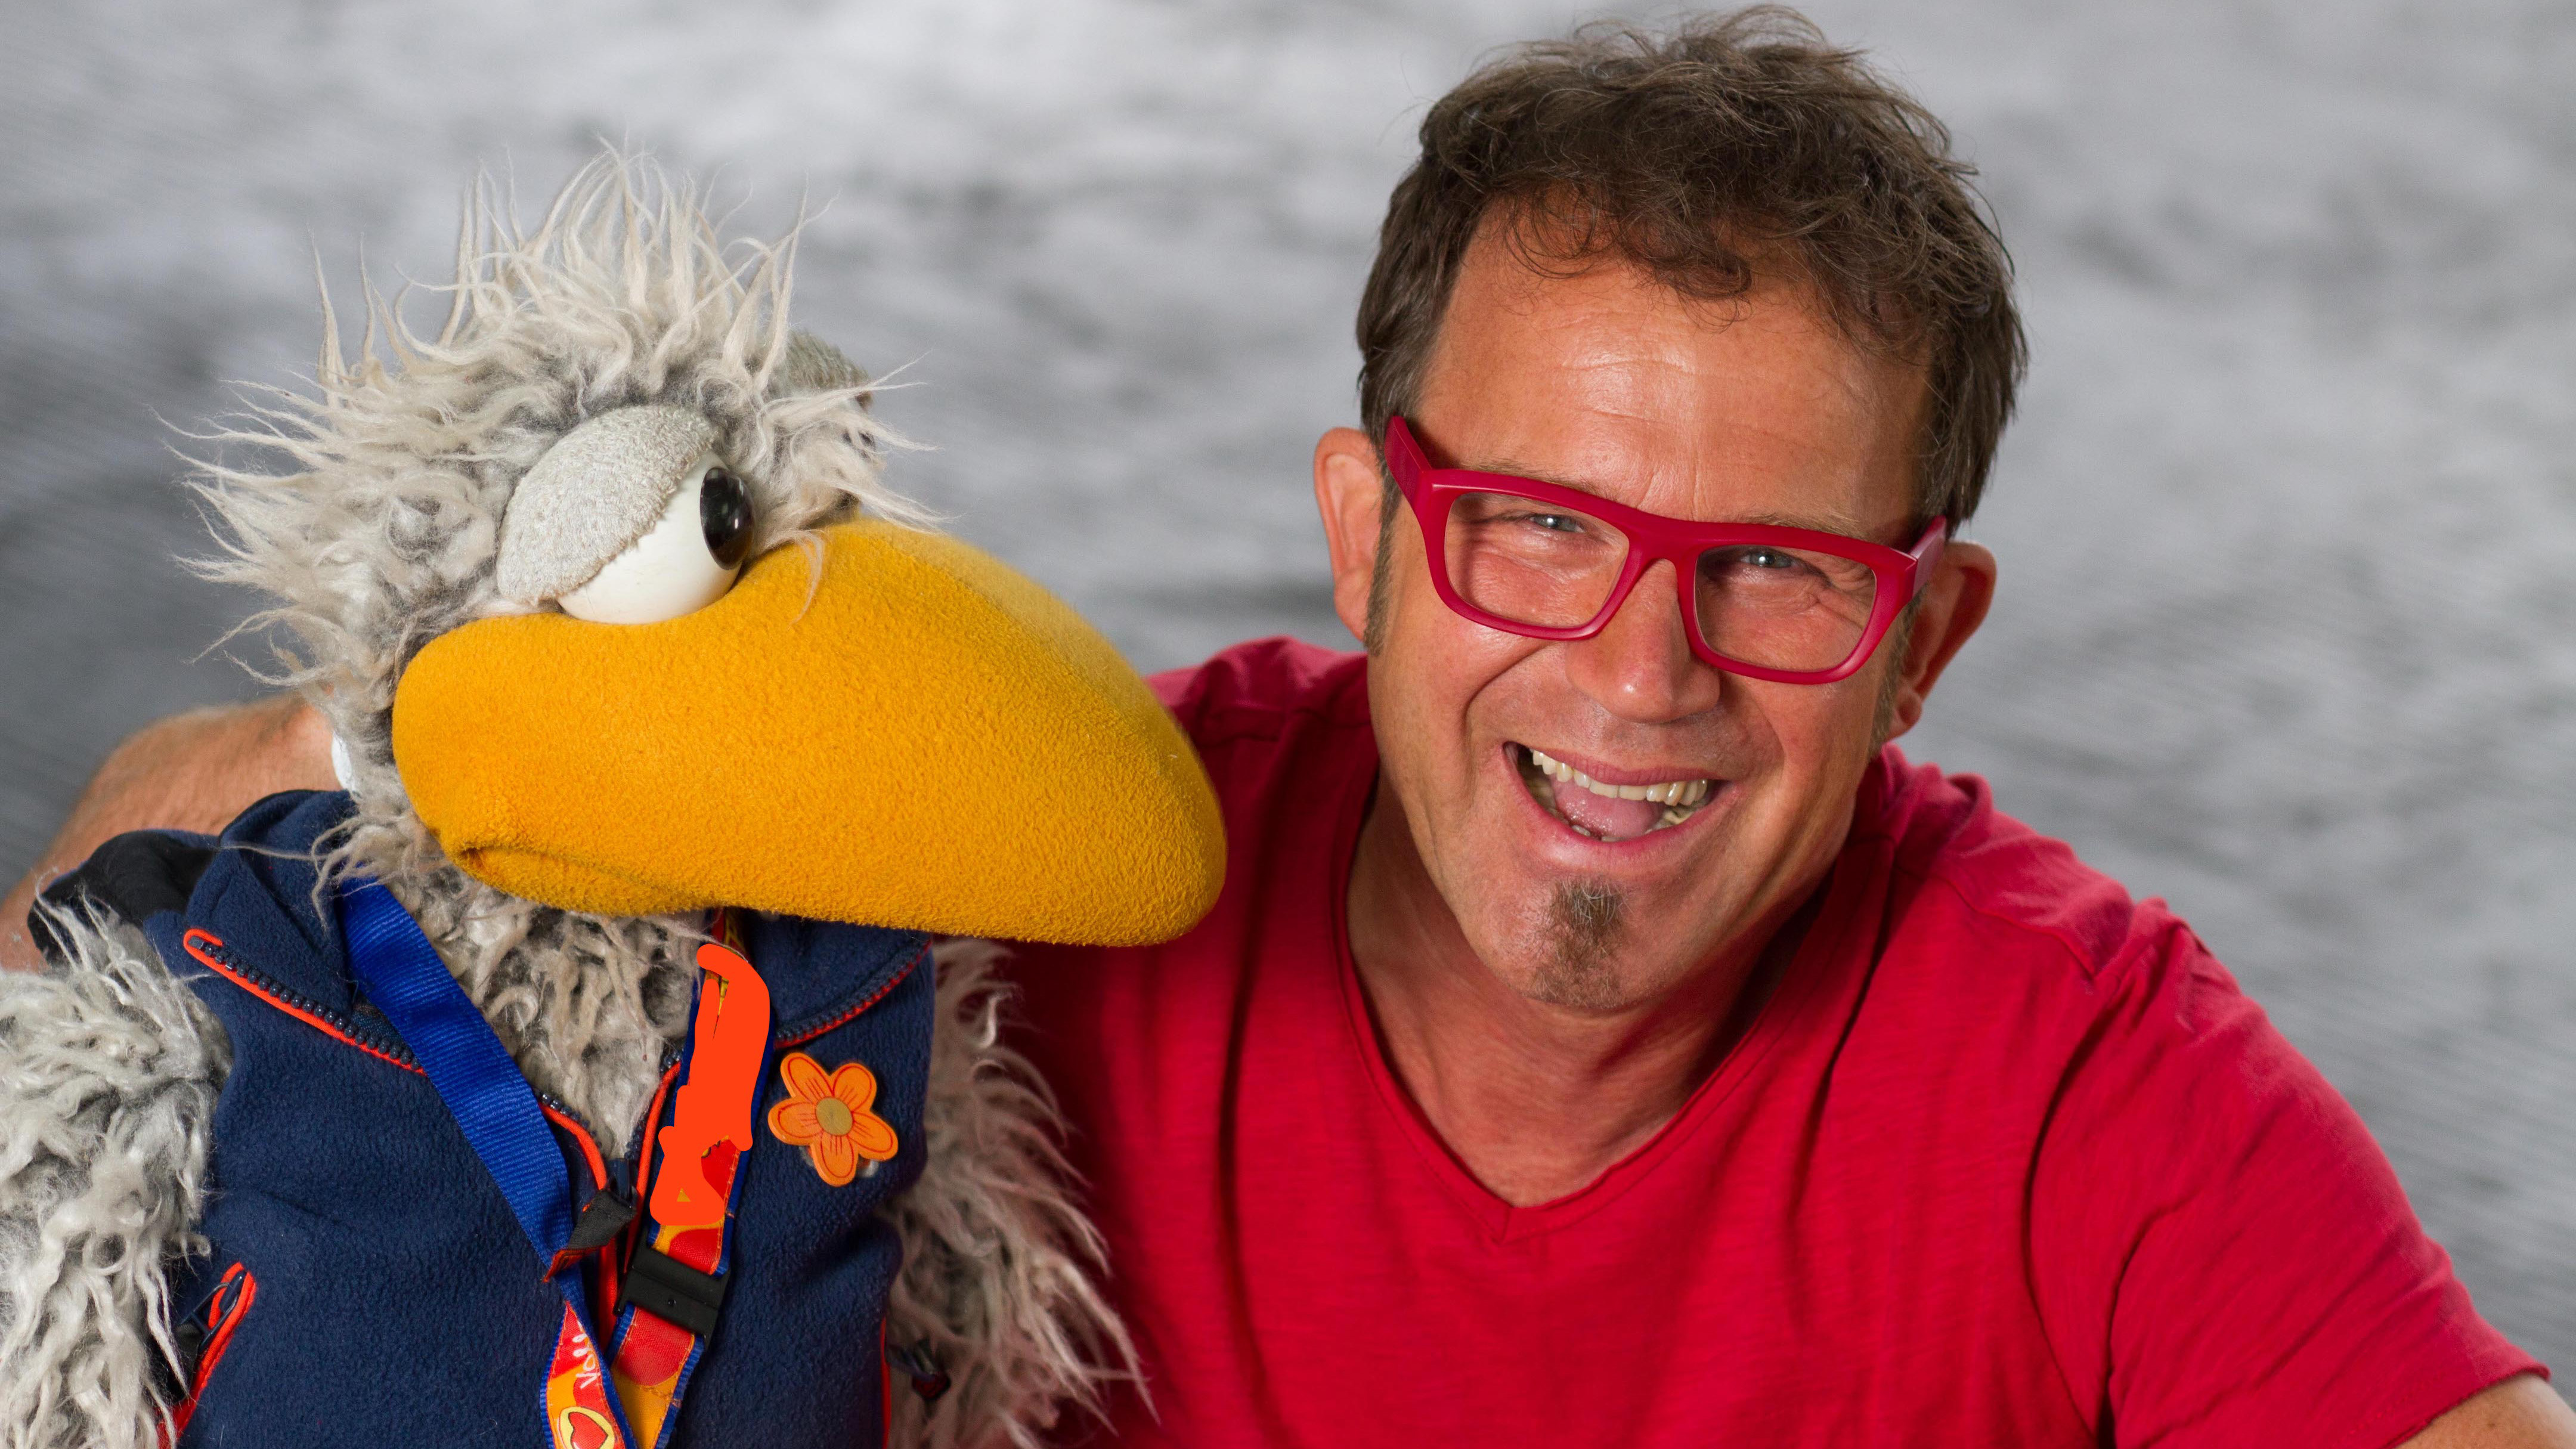 Daniel Kallauch, Kindermusiker, Puppenspieler und Unterhaltungskünstler